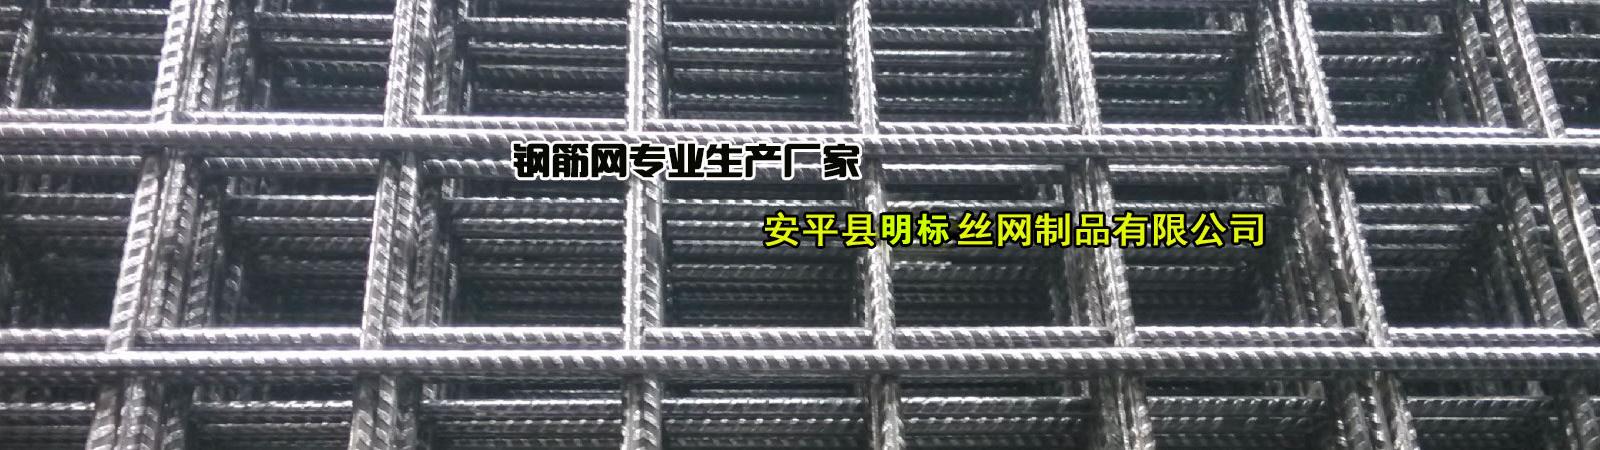 安平县明标钢筋网片厂